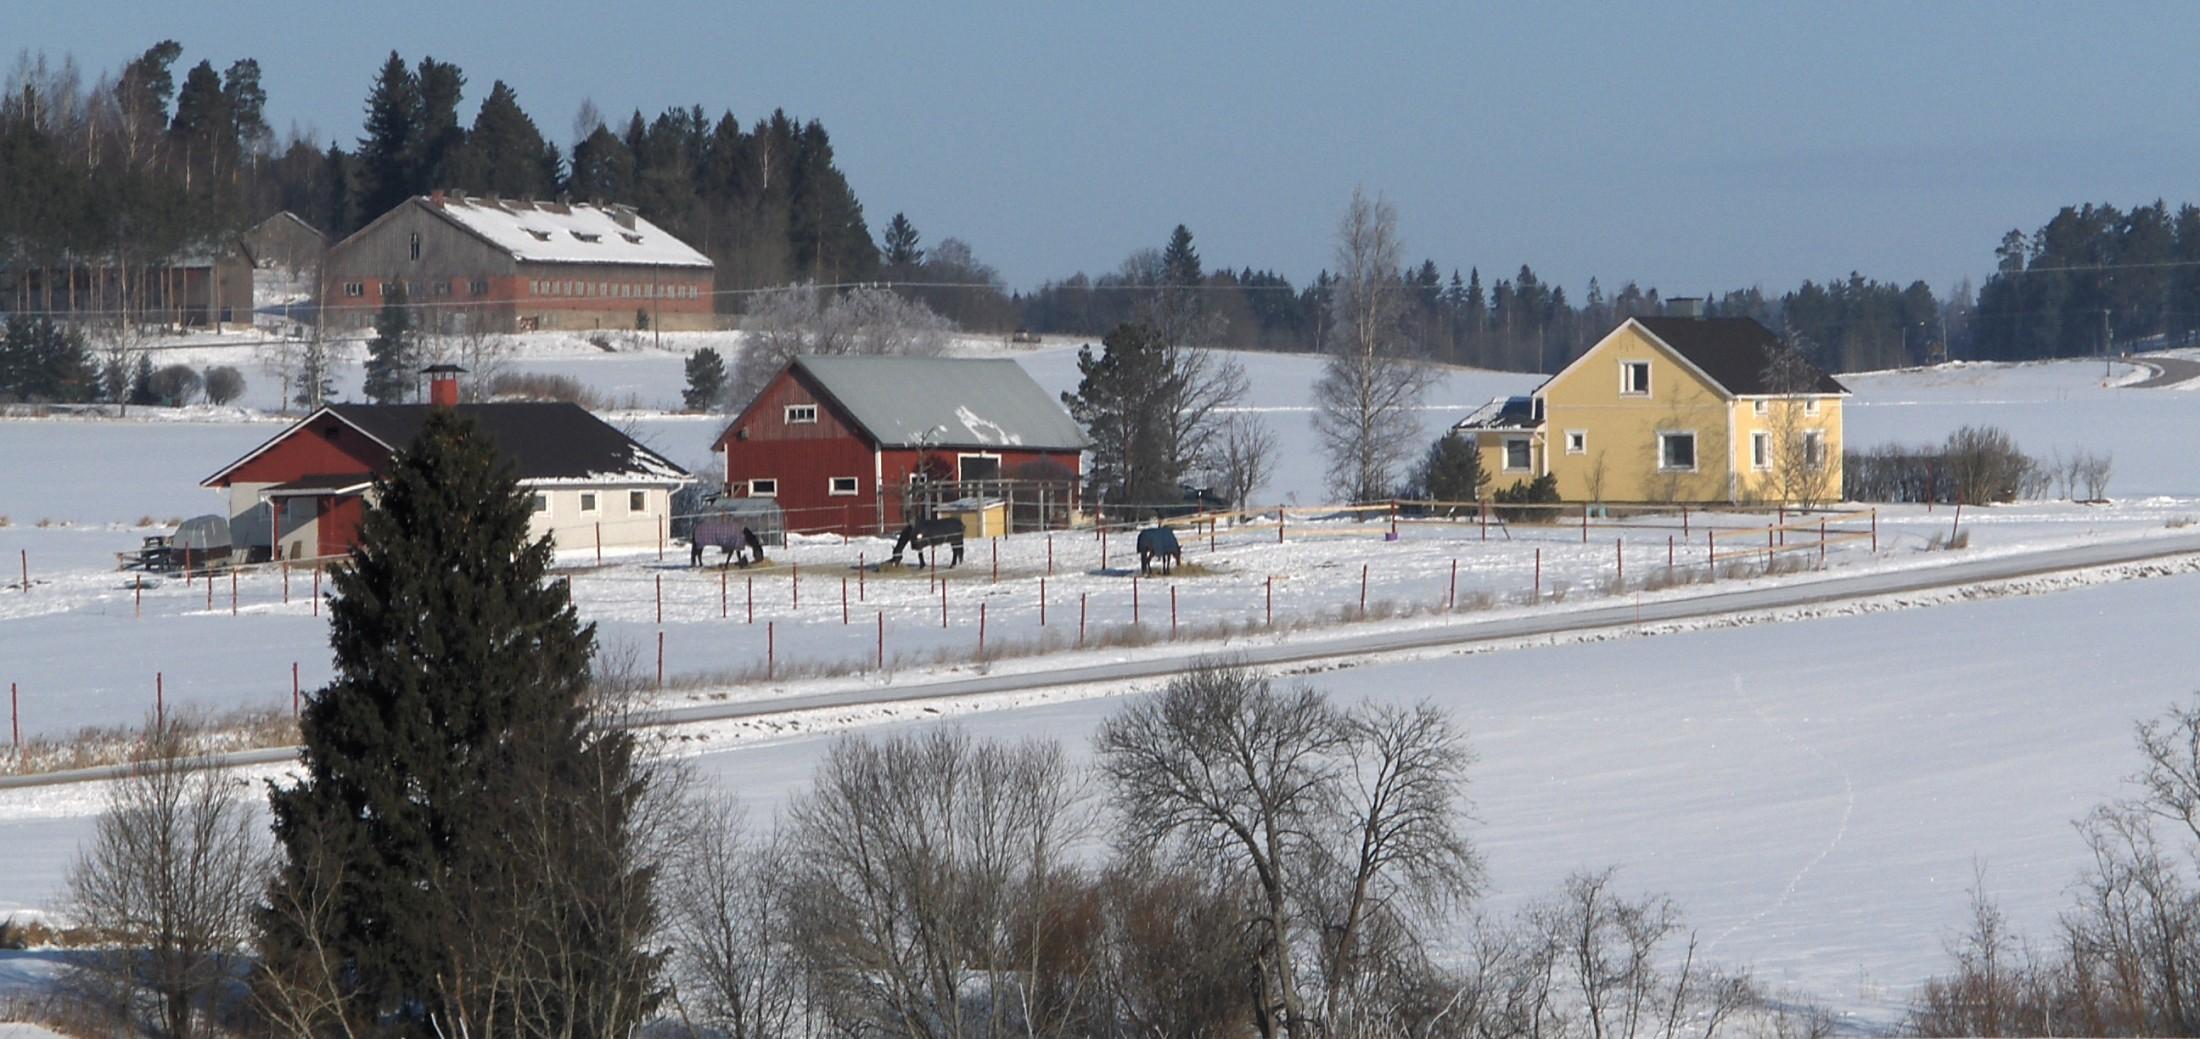 maaseutukuva_talvinen_vanjärvi